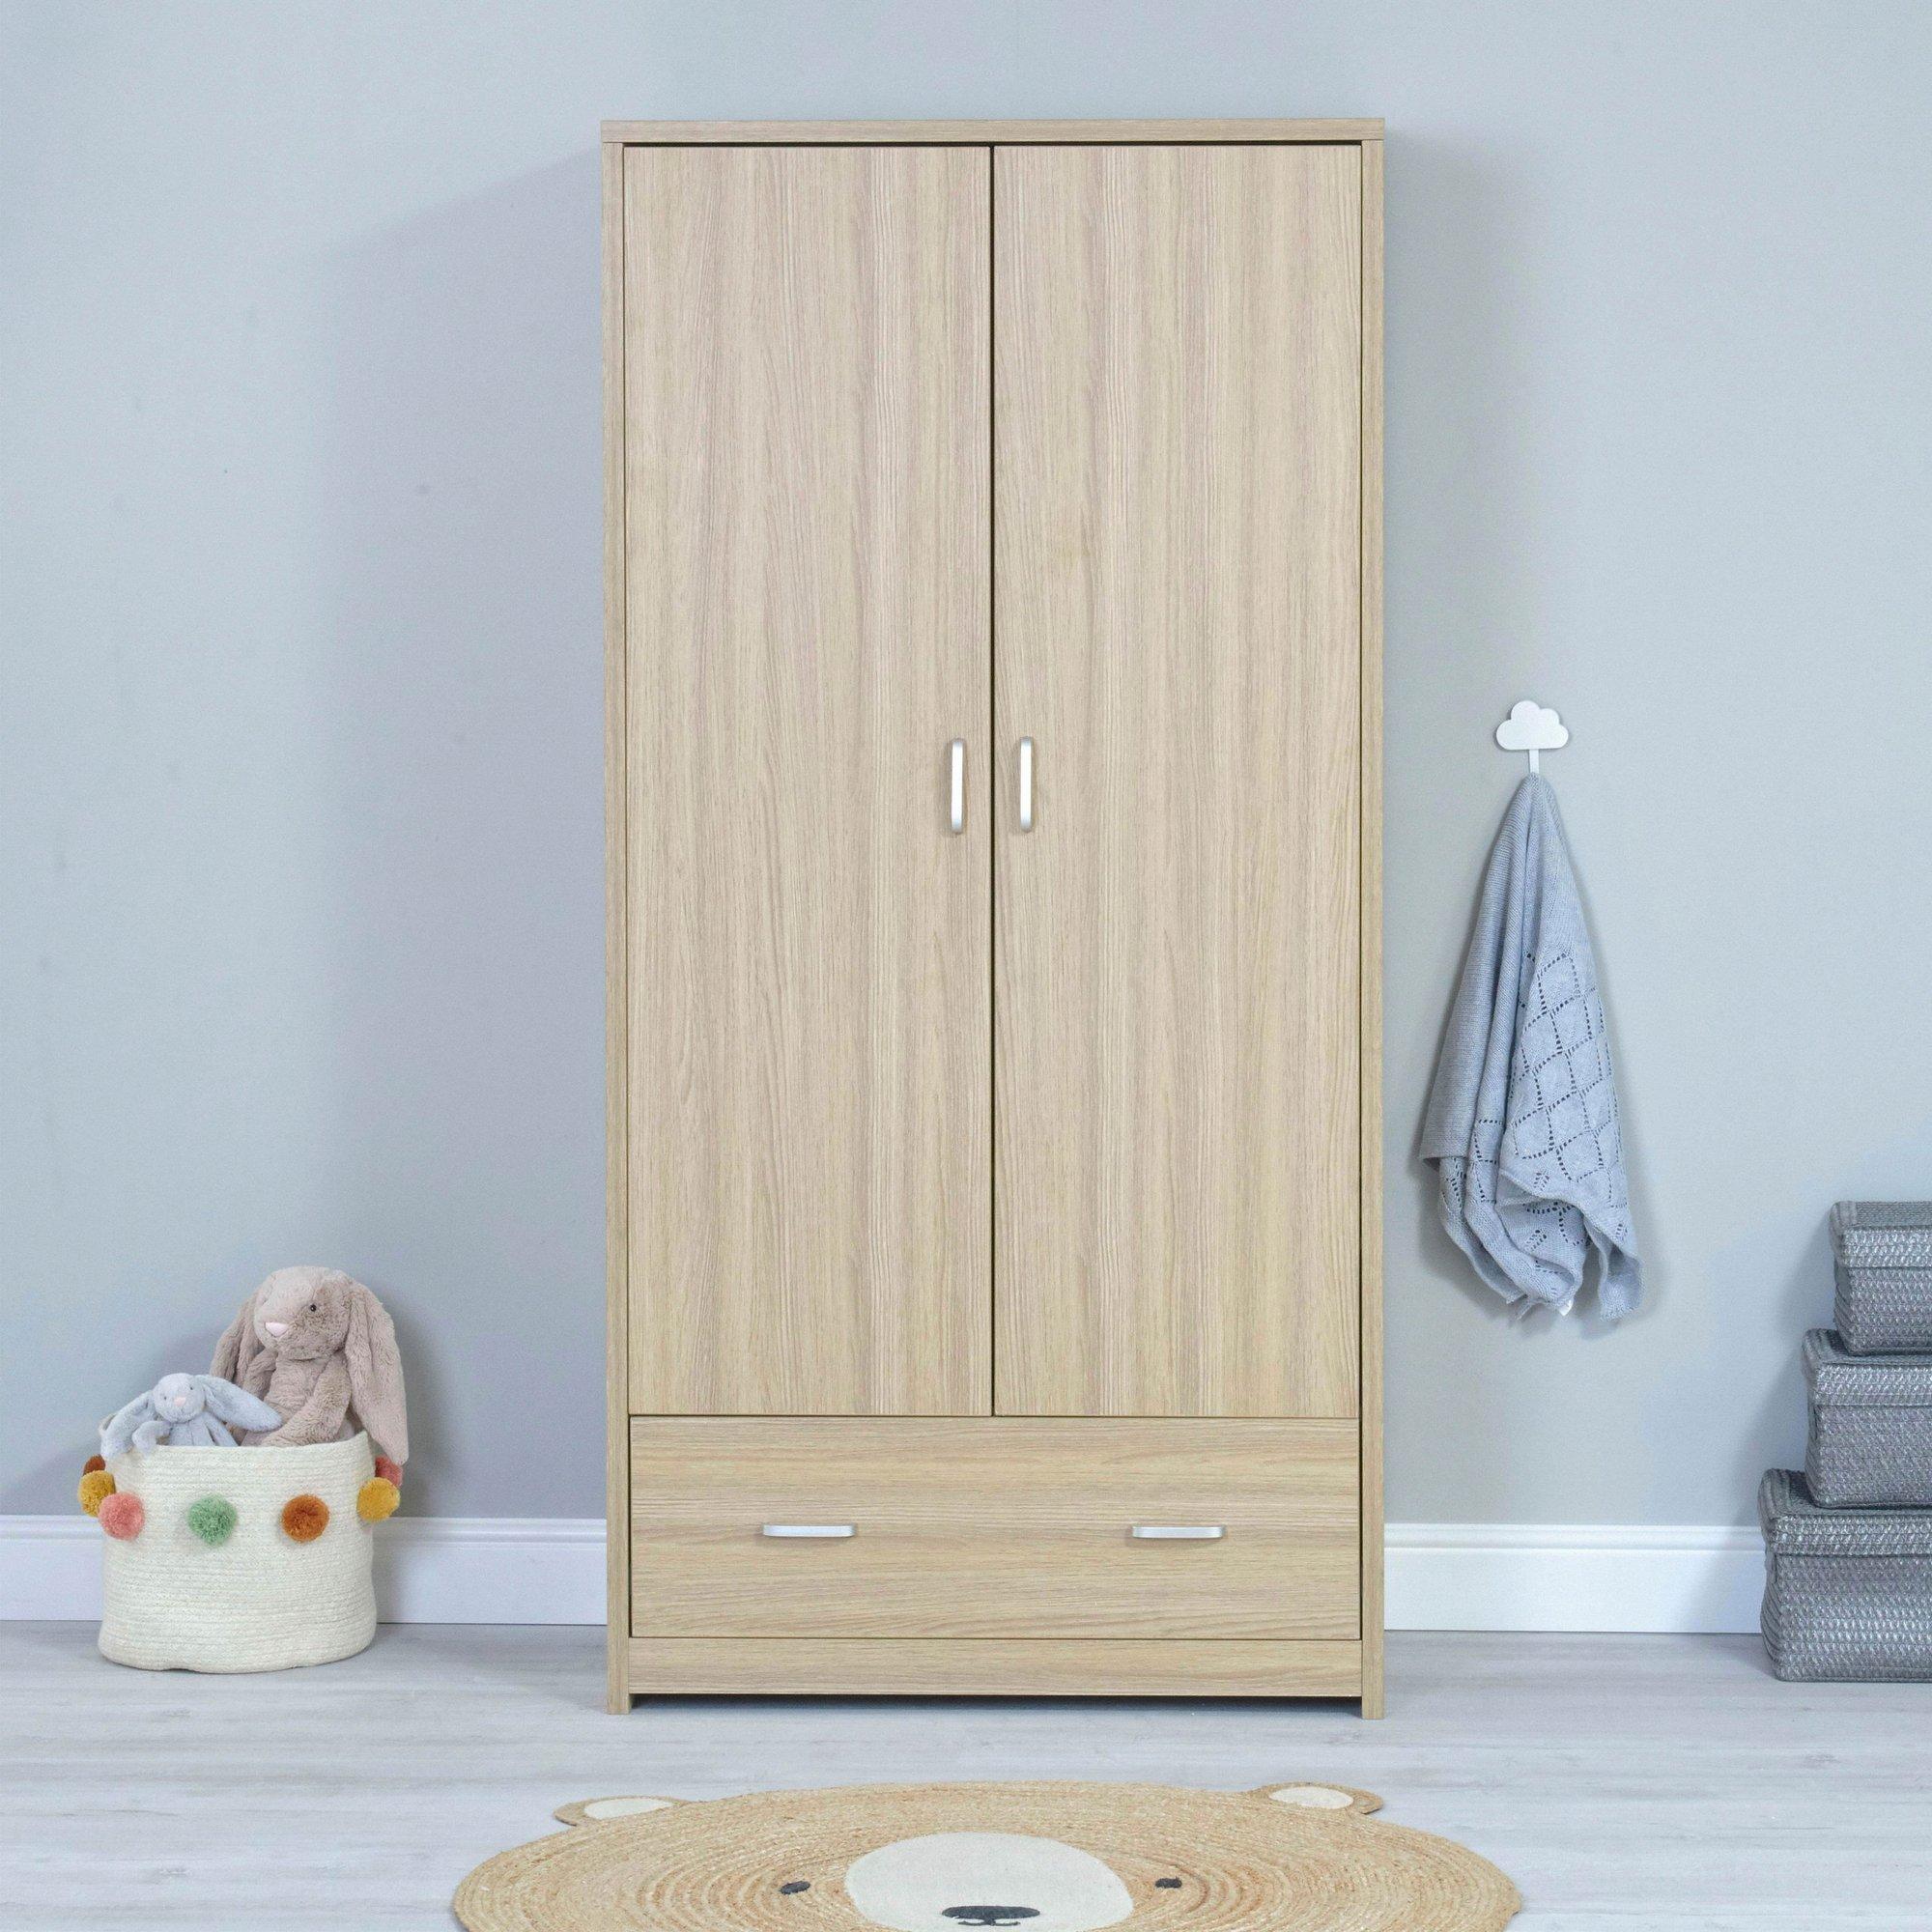 Image of Luno Veni Oak Wardrobe